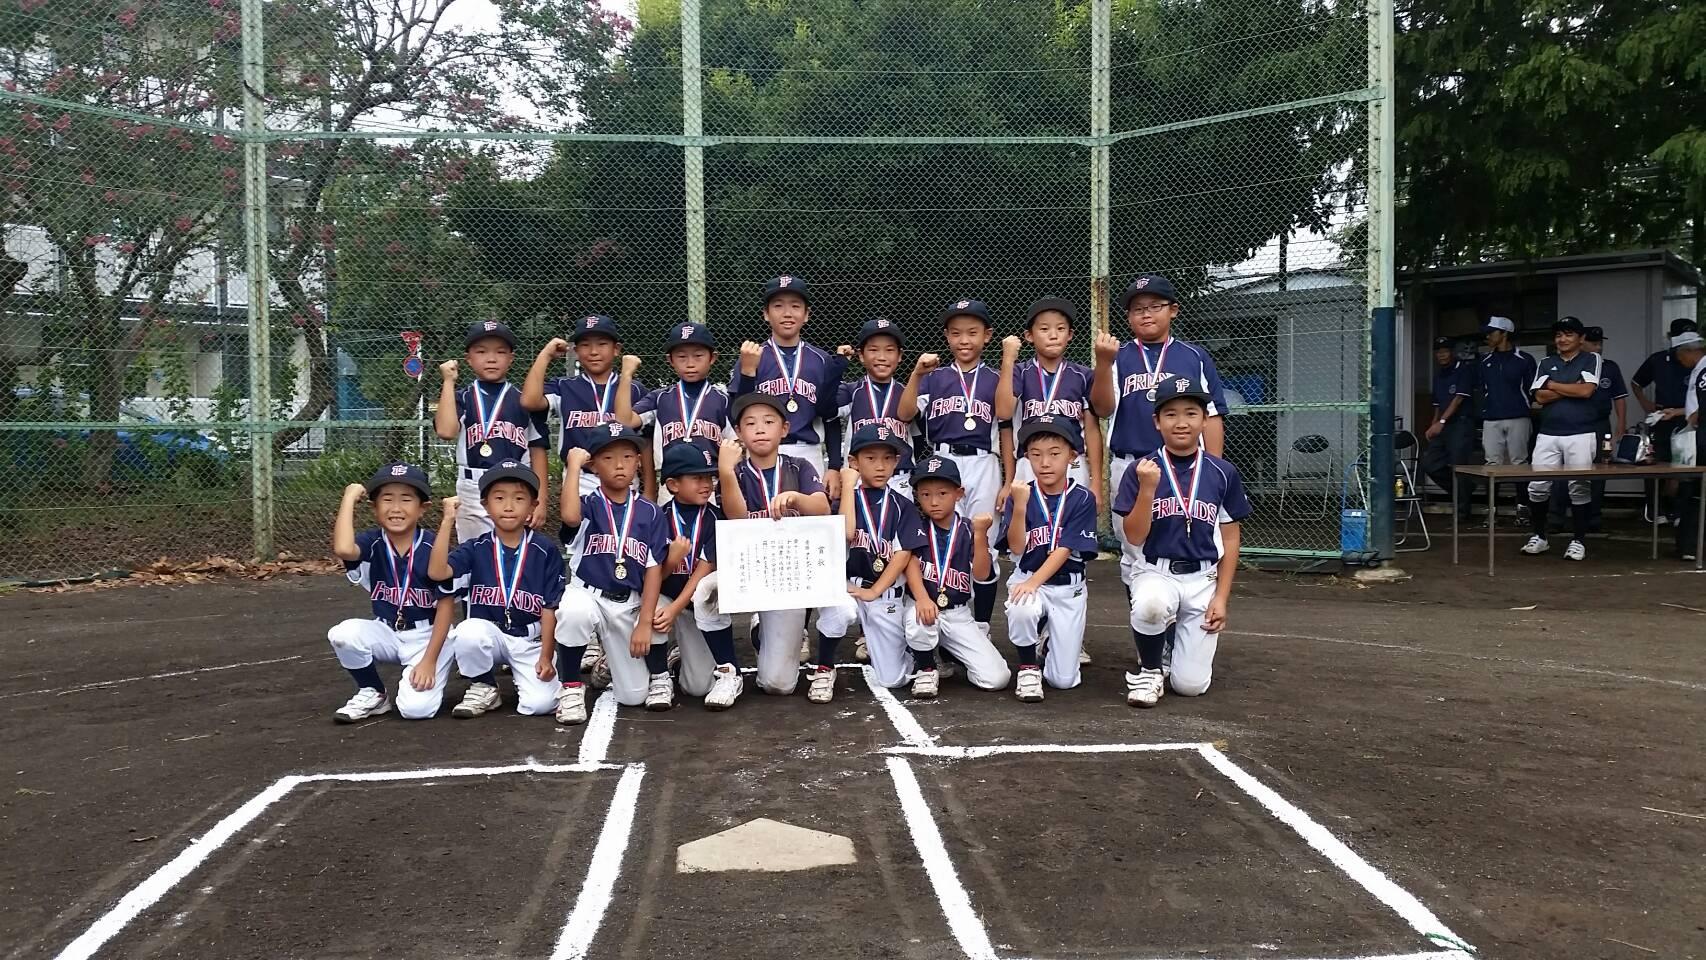 第33回 新人戦 優  勝・フレンズジュニア(学童)平成30年9月2日